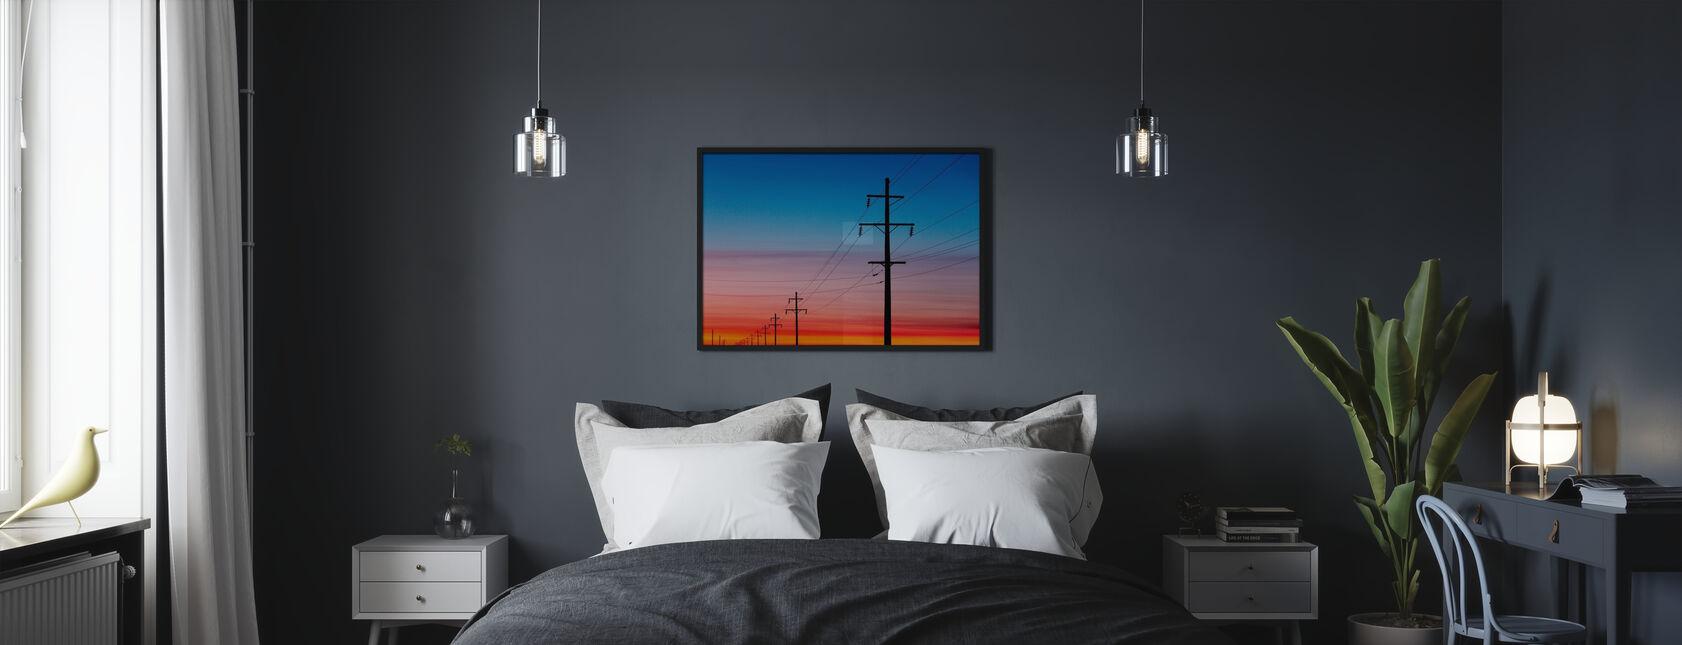 Voimalinjat auringonlaskun aikaan - Kehystetty kuva - Makuuhuone